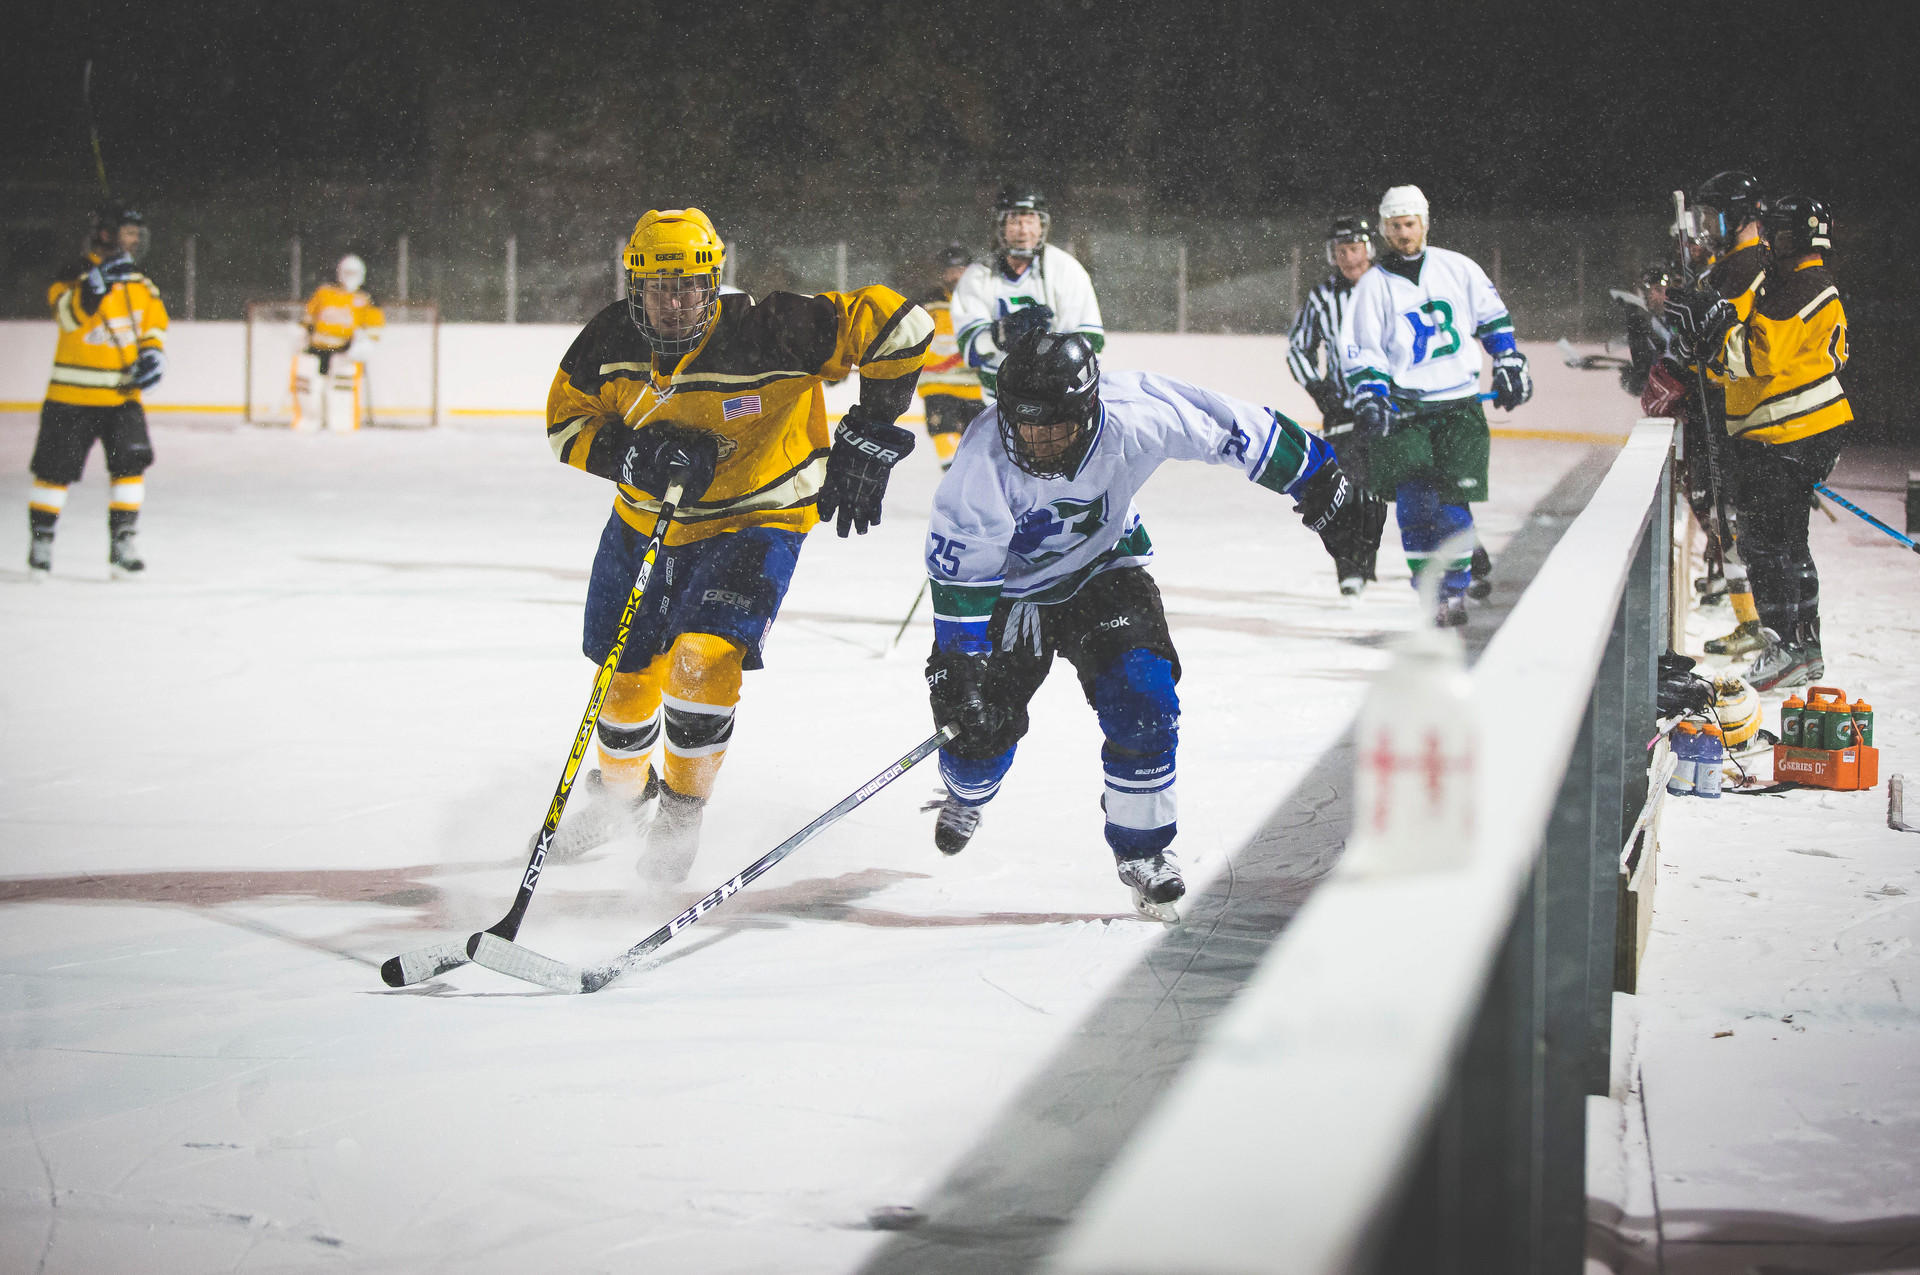 Tuukka Hockey @ Jack Kirrane Rink